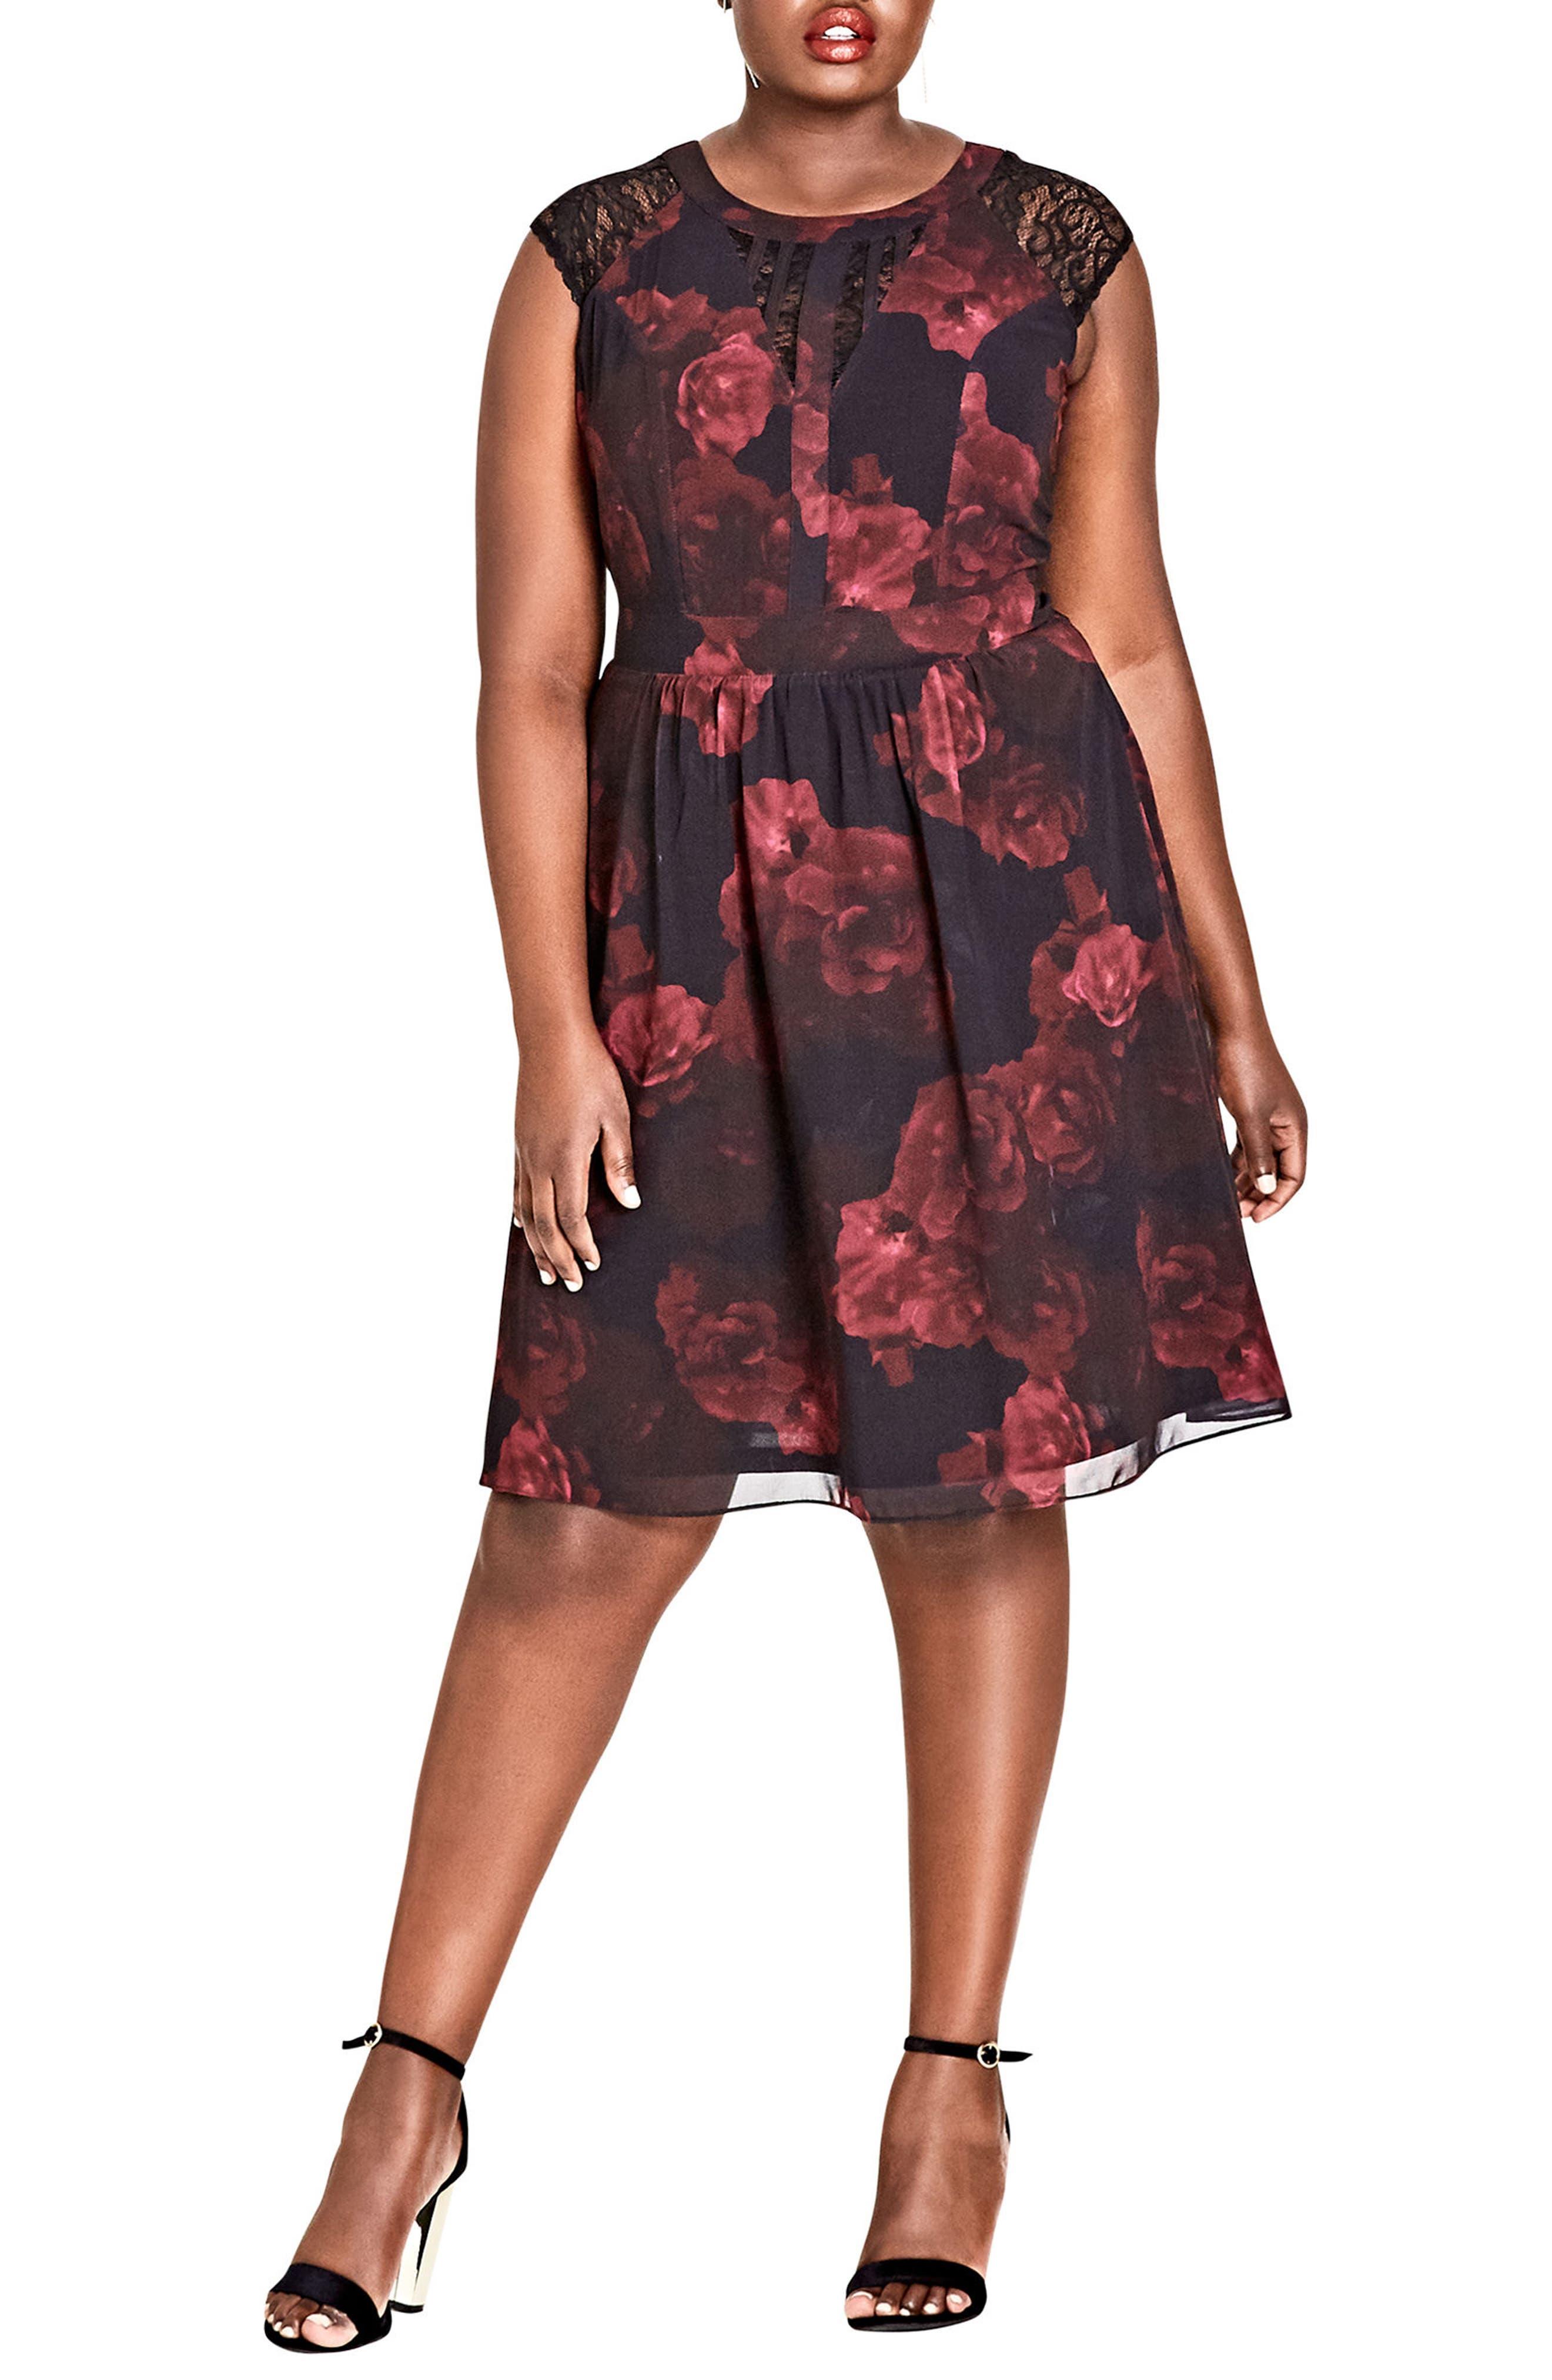 Plus Size City Chic Crimson Rose Fit & Flare Dress, Black